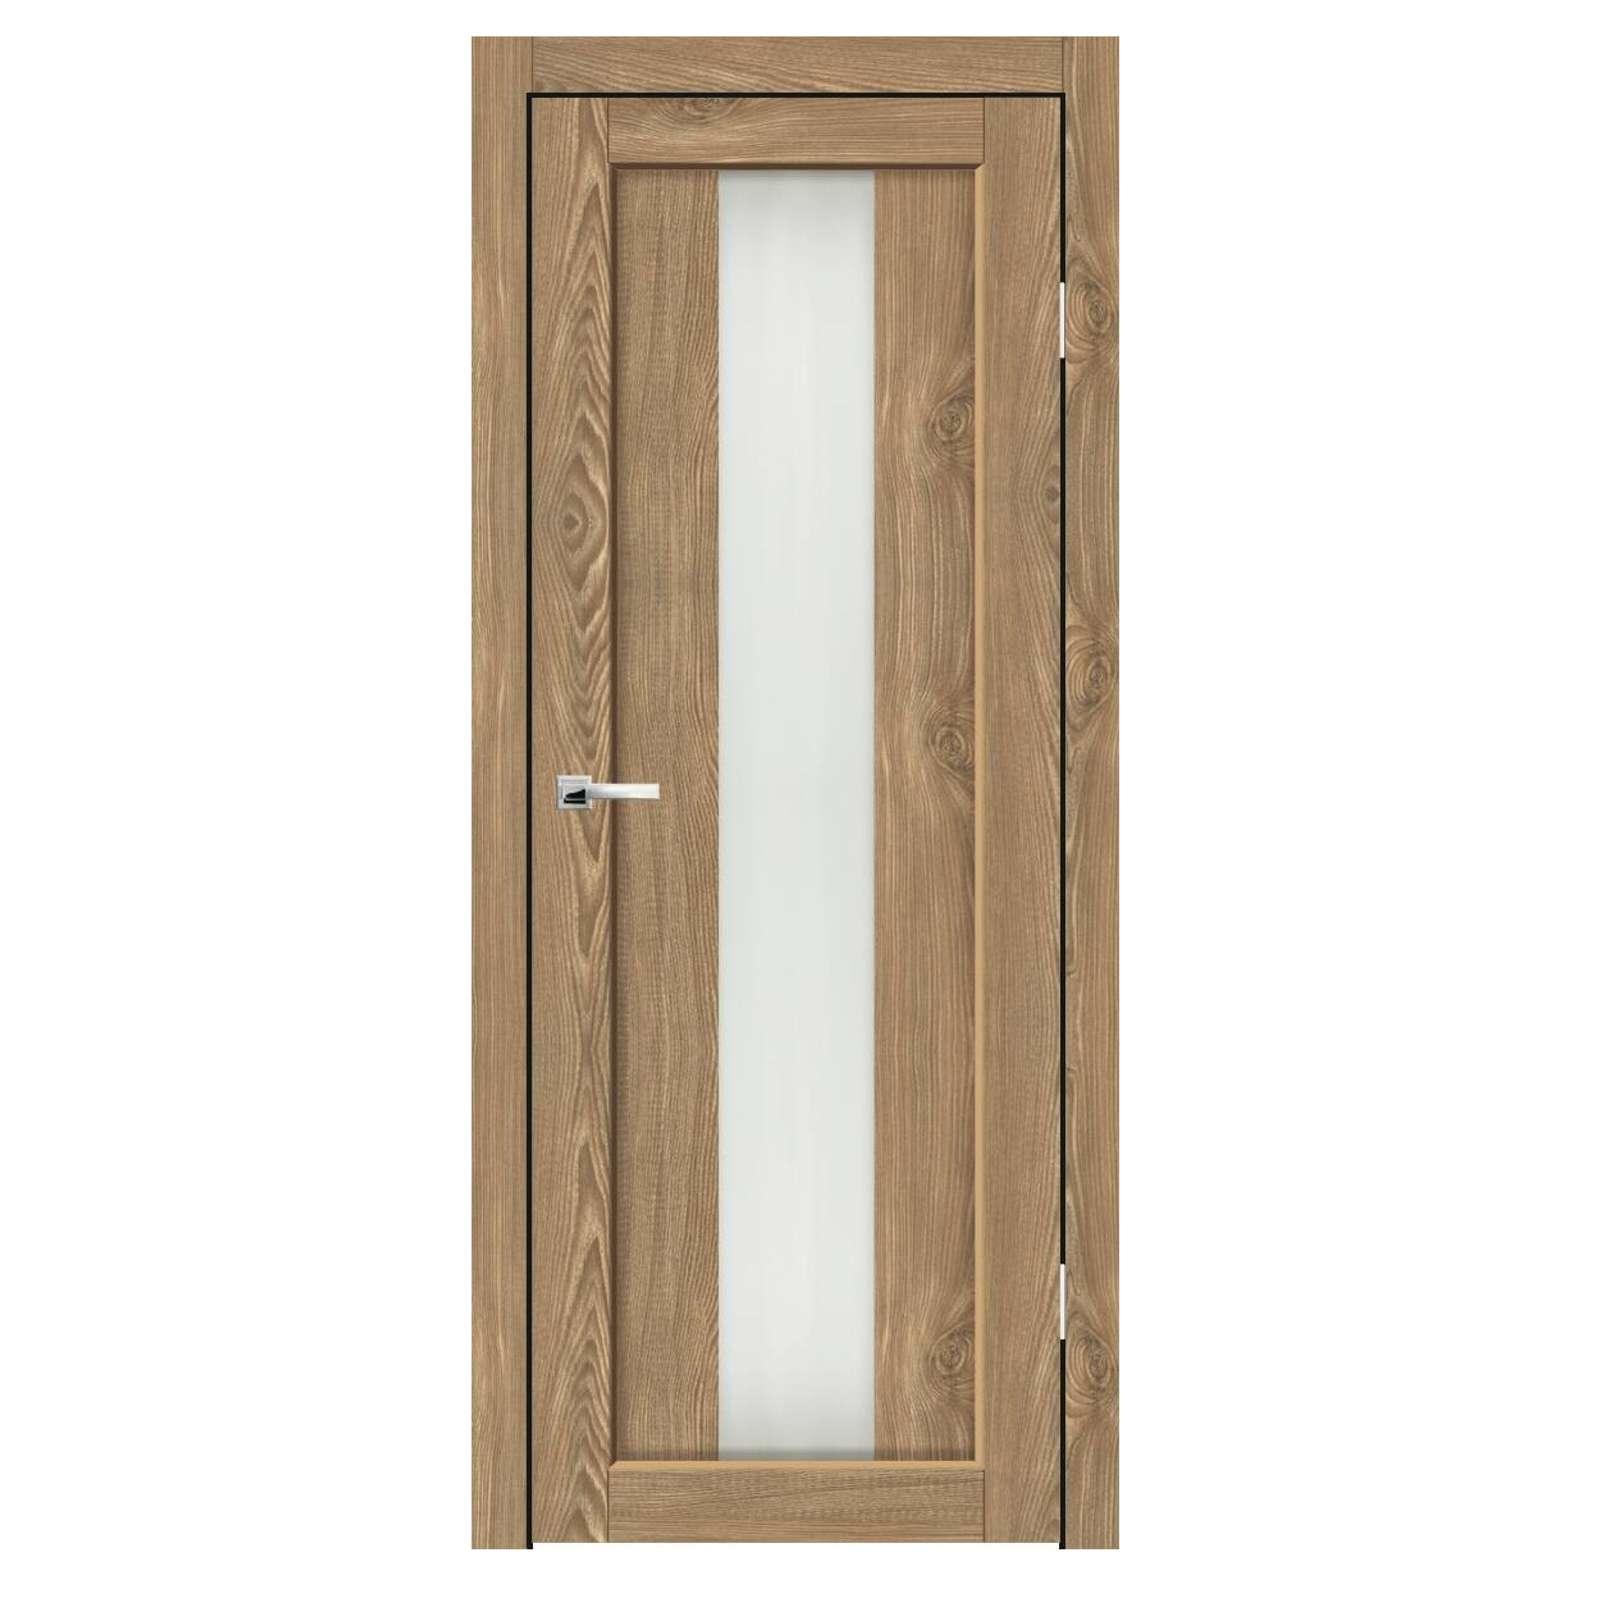 Дверное полотно Синержи Капелла, Ель карпатская, ПДО 700Х2000ММ